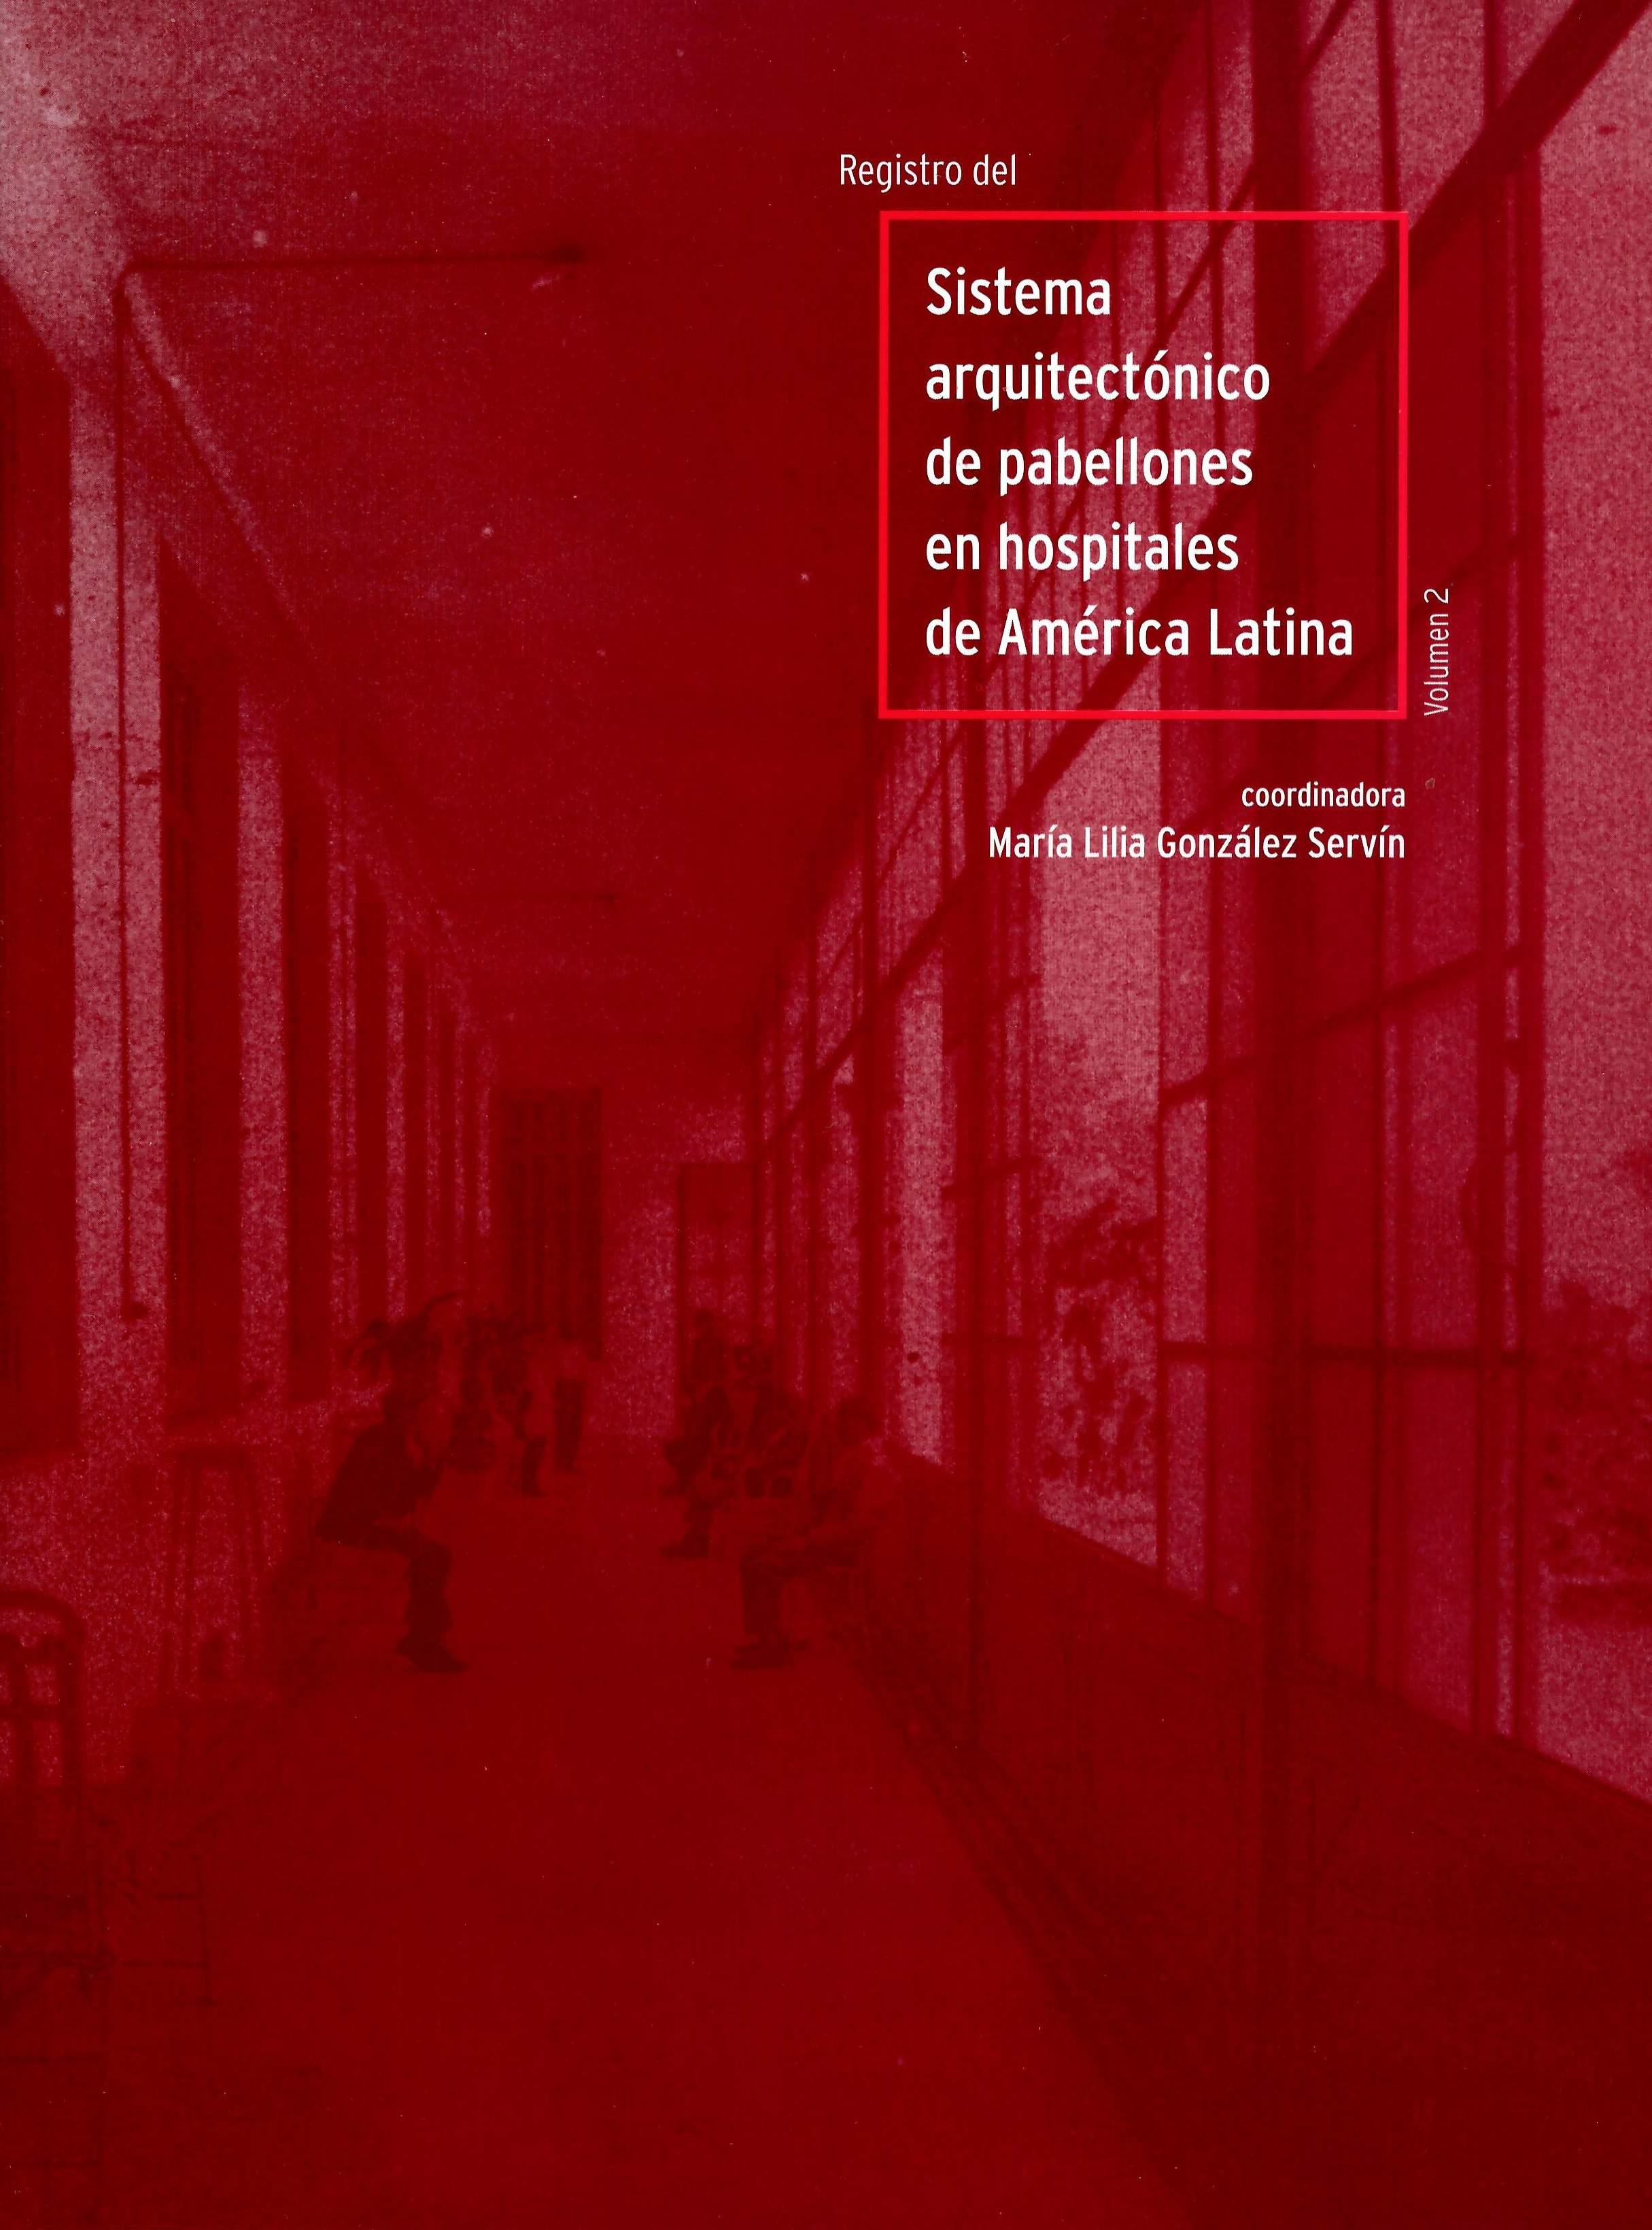 Registro del sistema arquitectónico de pabellones en hospitales de América Latina